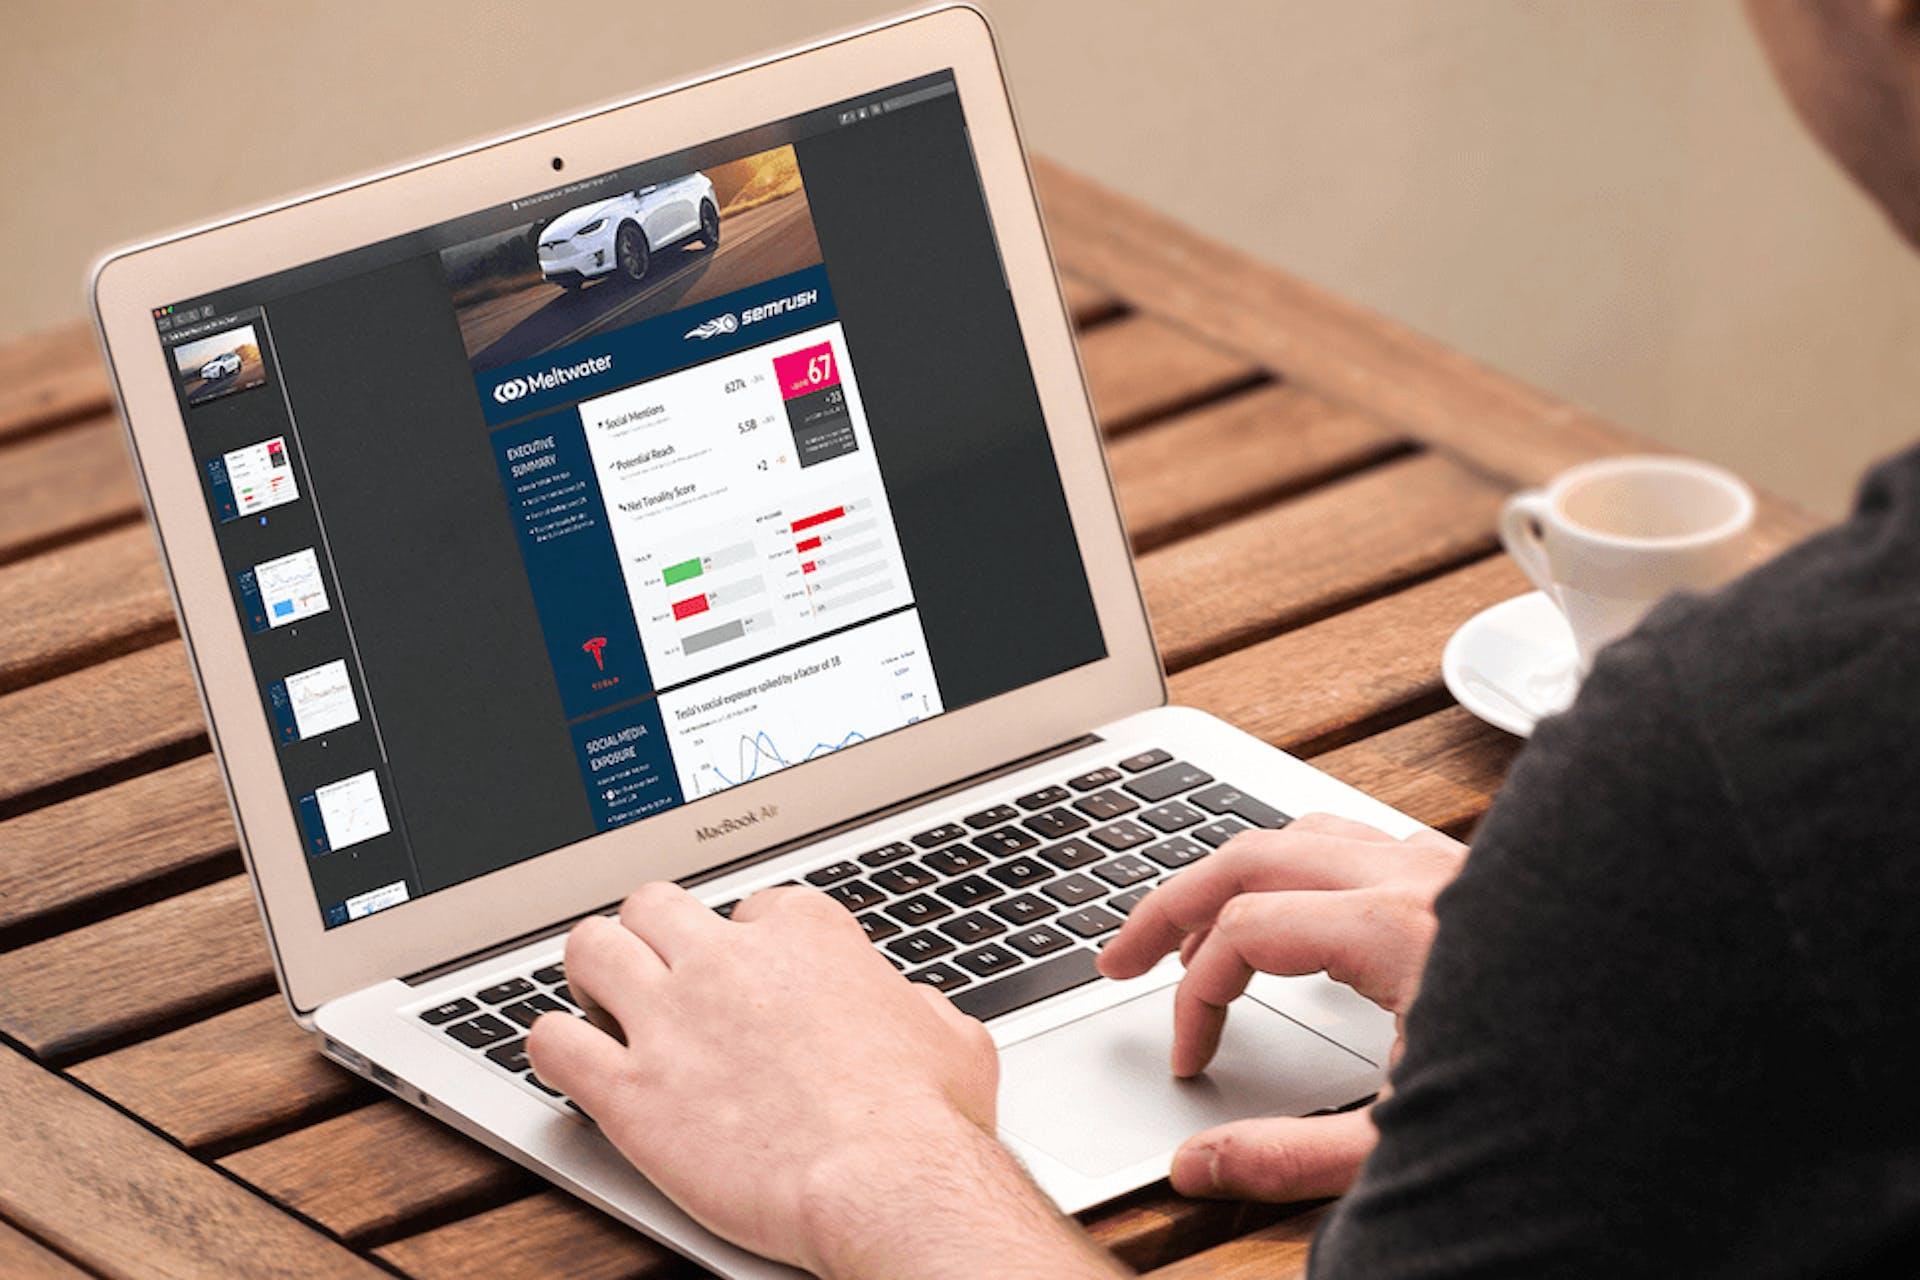 Vous pouvez voir un homme en train de regarder un rapport d'analyses sur son écran d'ordinateur.